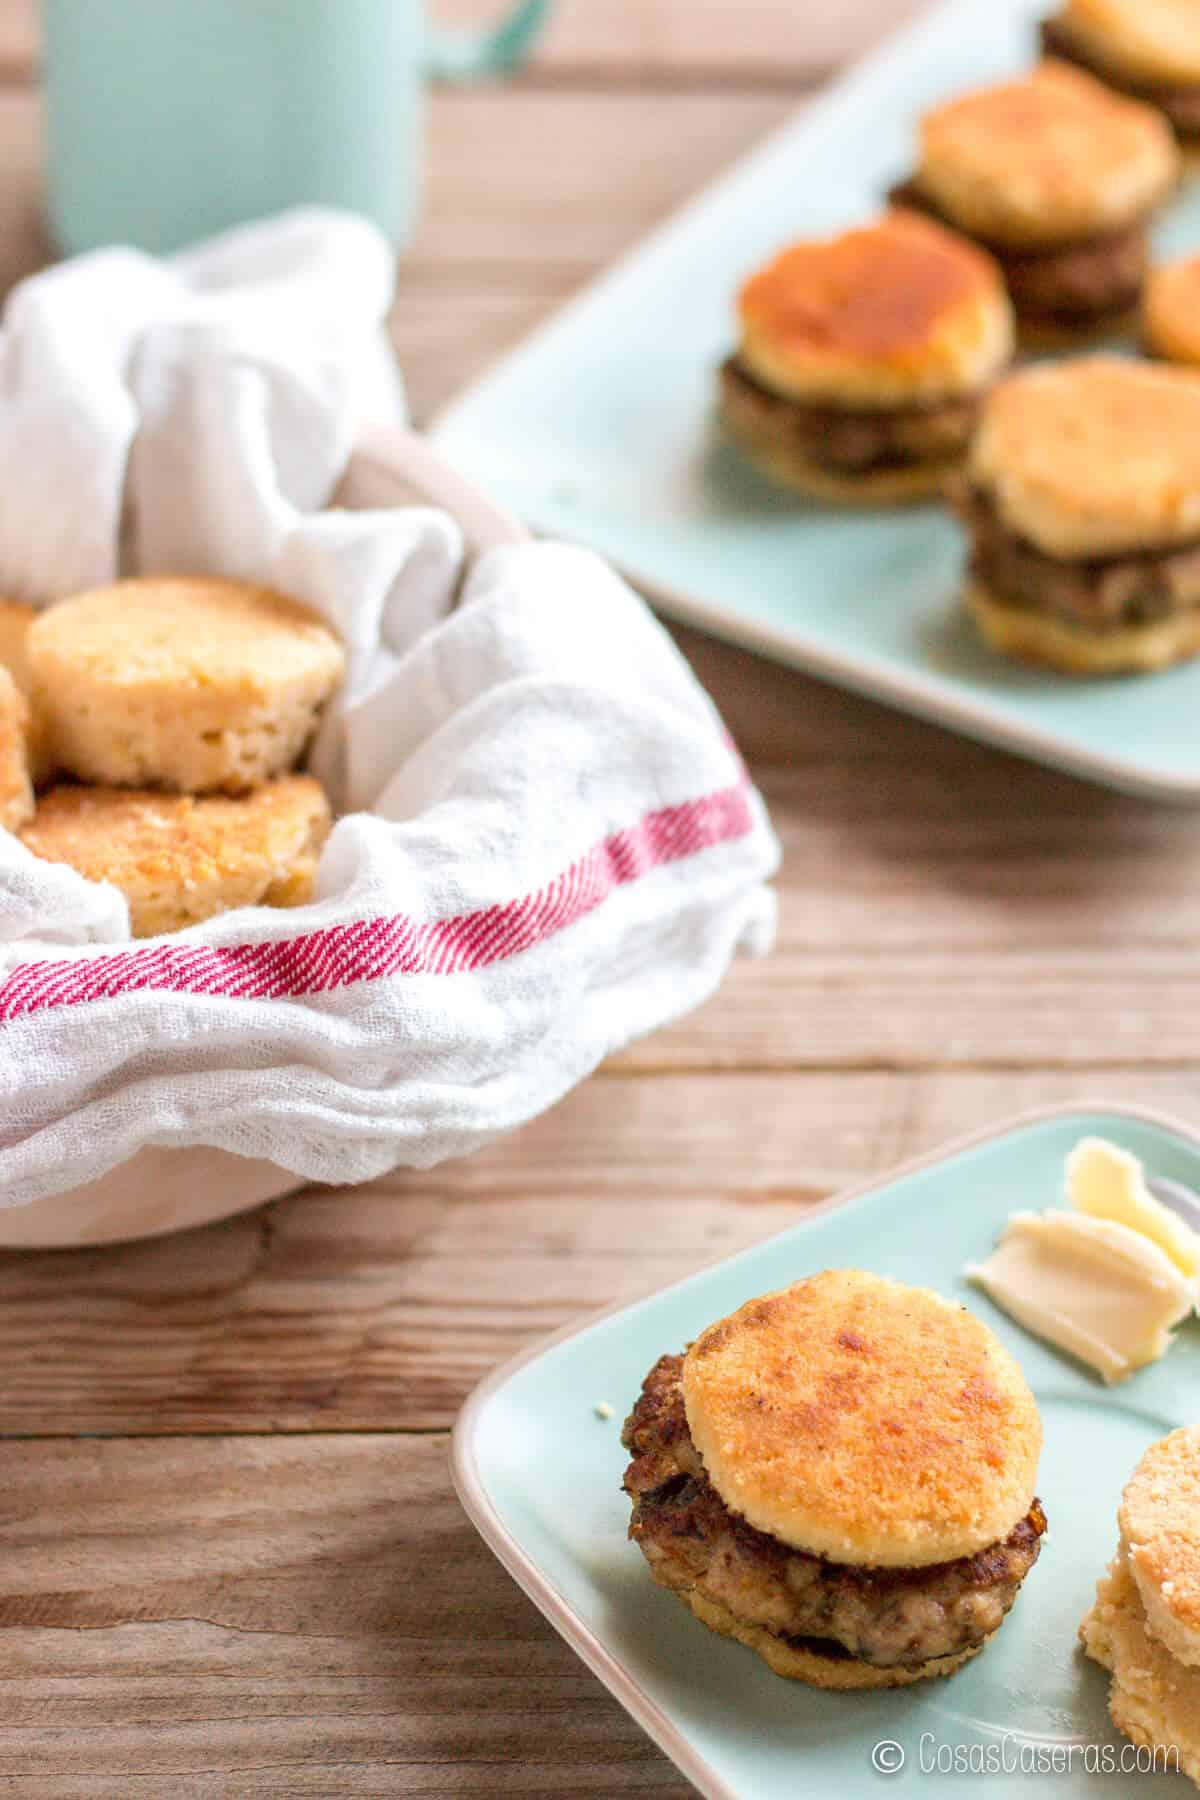 Una de las recetas típicas del desayuno Americano incluye unas salchichas dentro de unos panecillos de buttermilk. Os enseño como hacer salchichas caseras tipo hamburguesa. Son muy fáciles de hacer y están buenísimos.